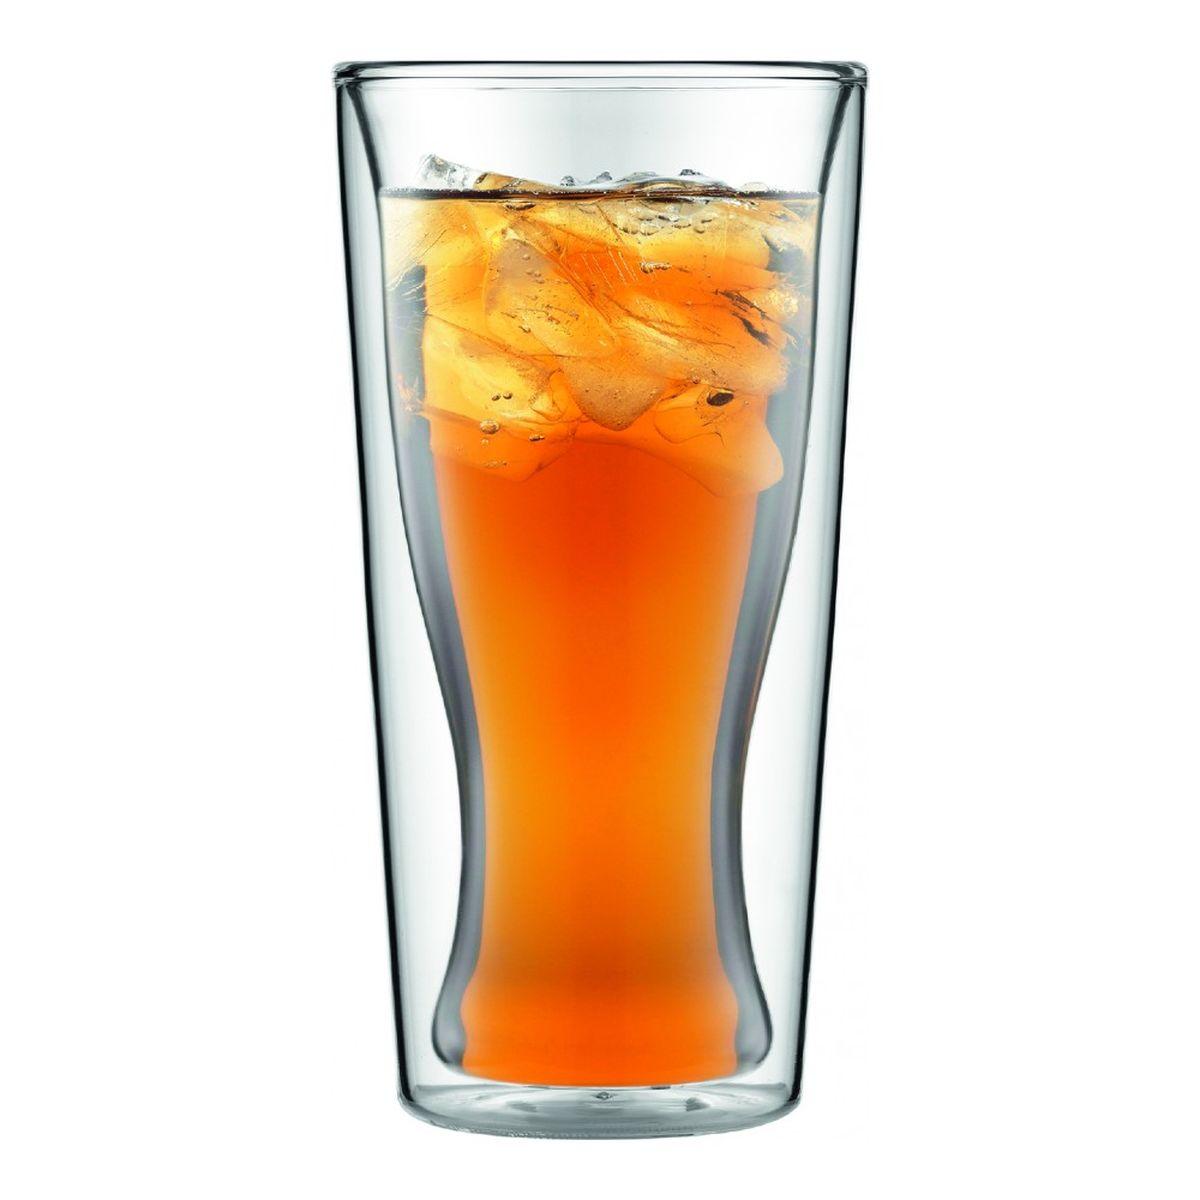 Набор термобокалов Bodum Skal, 2 шт, 350 млVT-1520(SR)Термобокалы Bodum Skal обладают уникальной конструктивной особенностью – между их контурами находится воздух, который сохраняет температуру напитка. Набор бокалов изготовлен из боросиликатного стекла, отличающегося особой прочностью и жаростойкостью. Благодаря своим неповторимым свойствам термобокалы Bodum Skal можно мыть в посудомоечной машине, не опасаясь за их целостность даже при контакте с горячей водой.